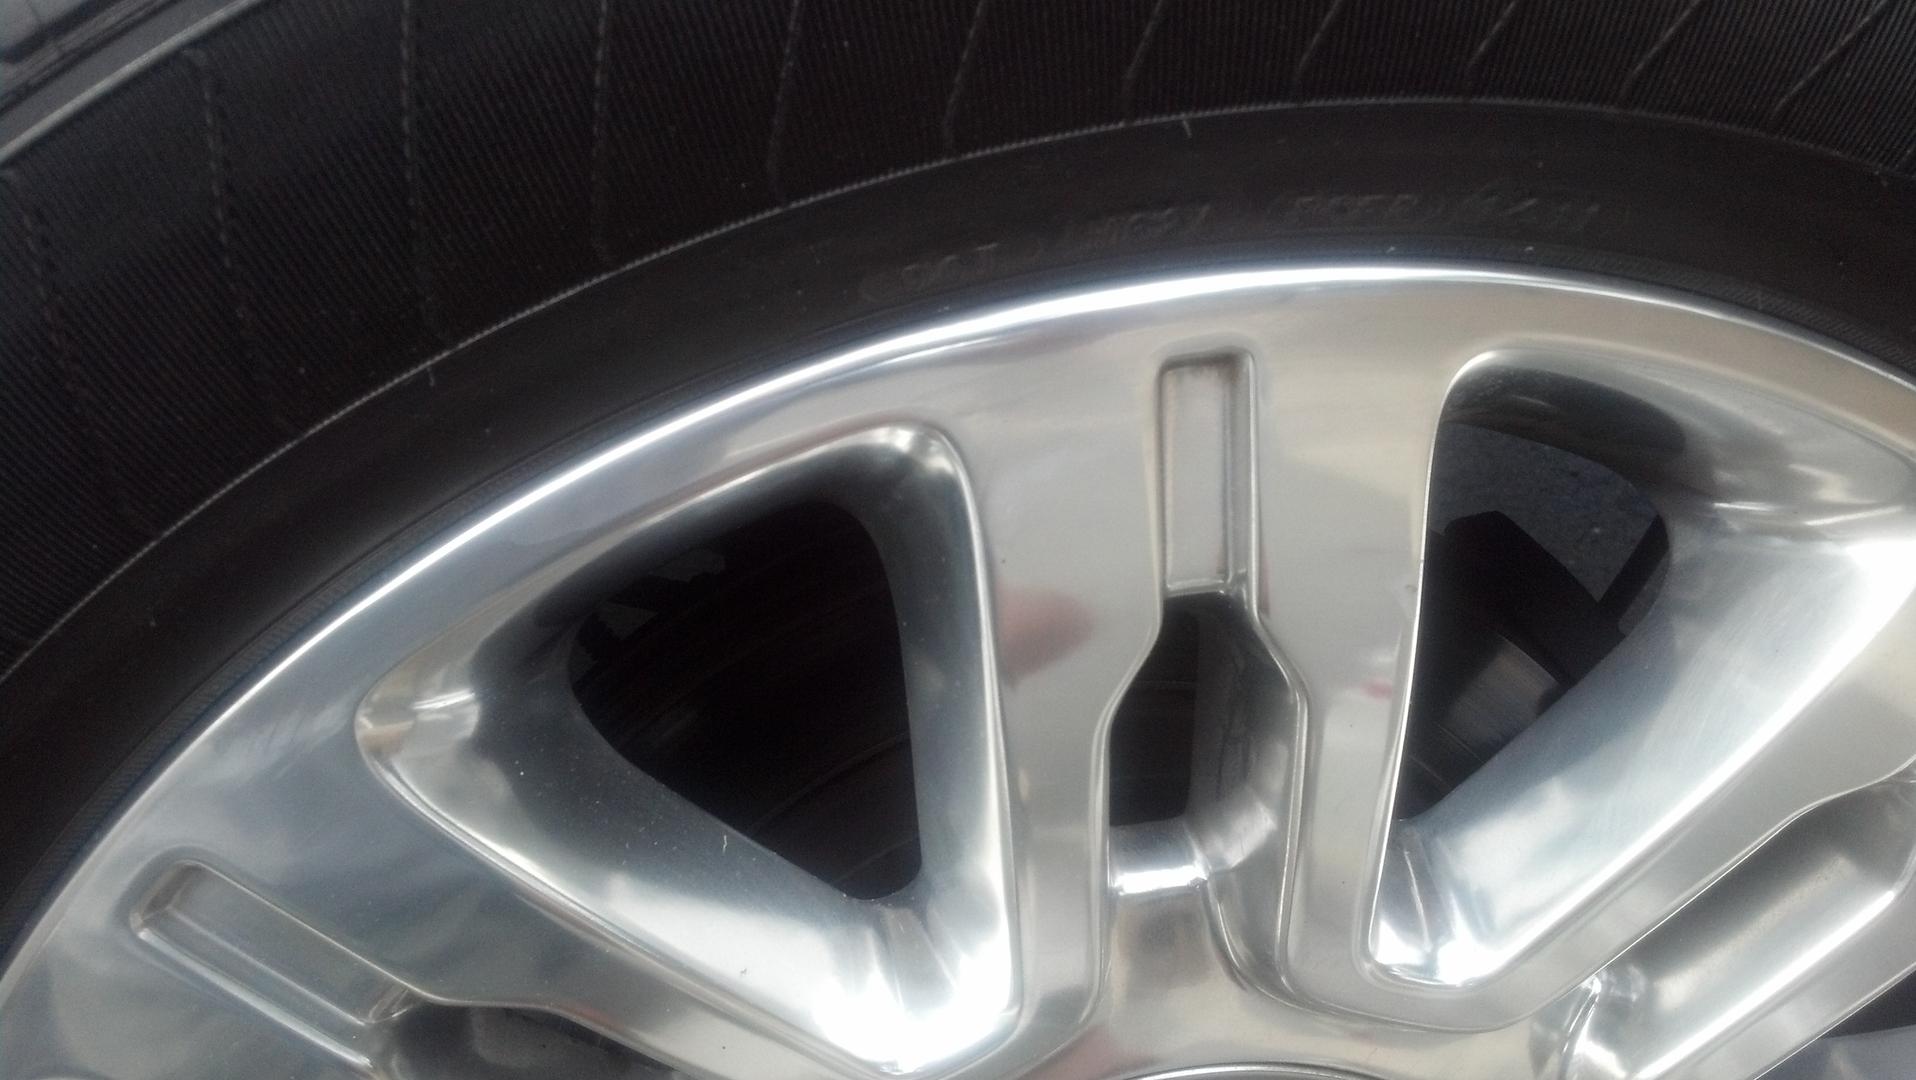 Prince Wheel Services Mobile Wheel Repair Bent Wheel Repair